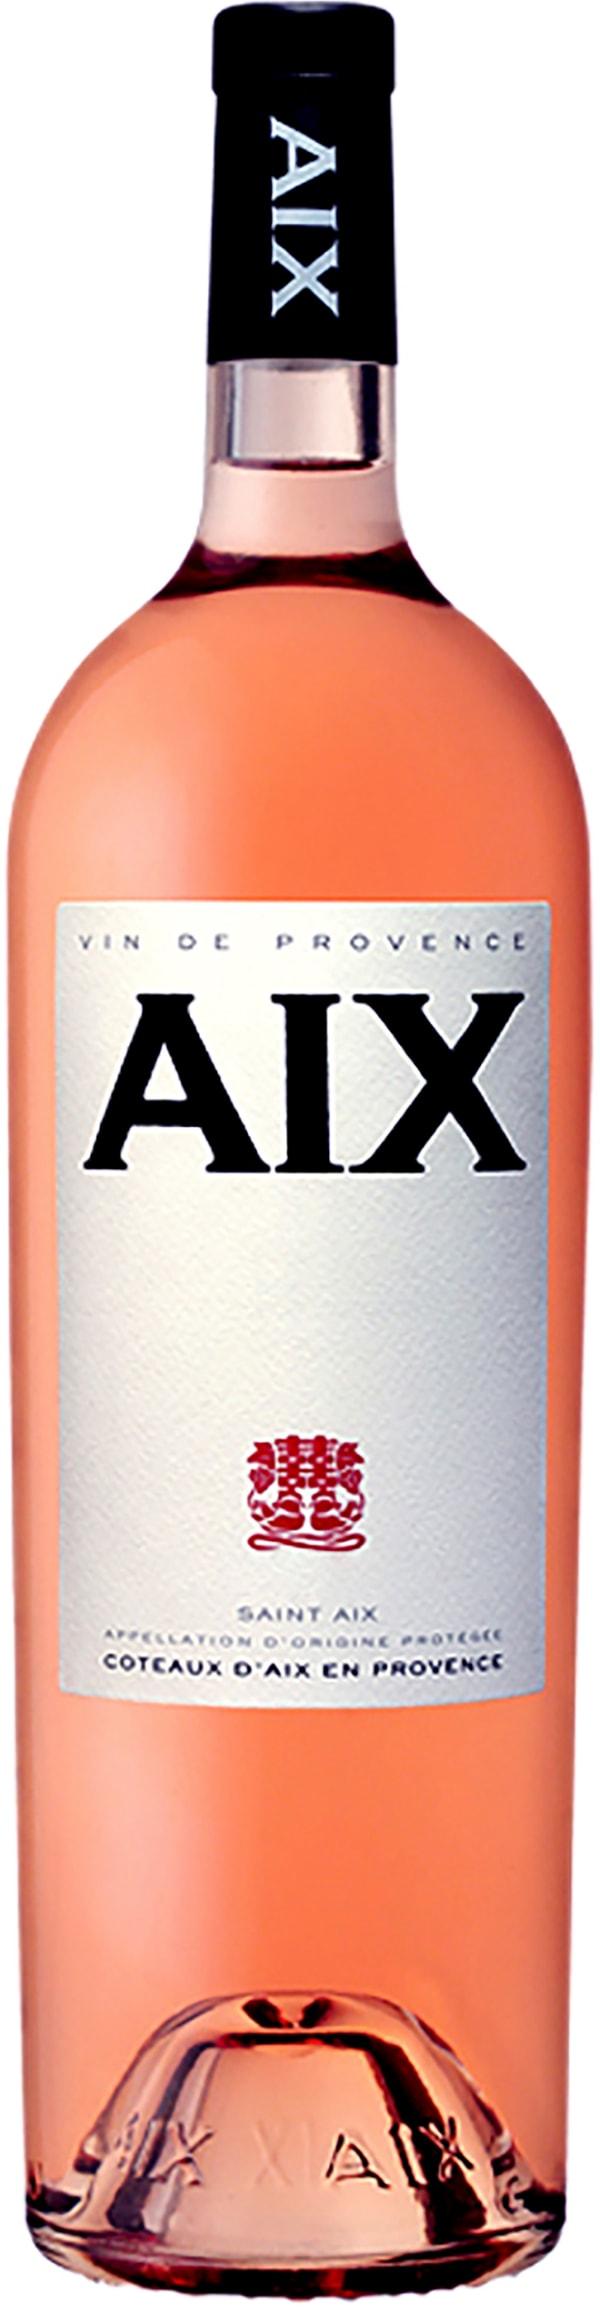 Aix Provence Rosé Magnum 2020